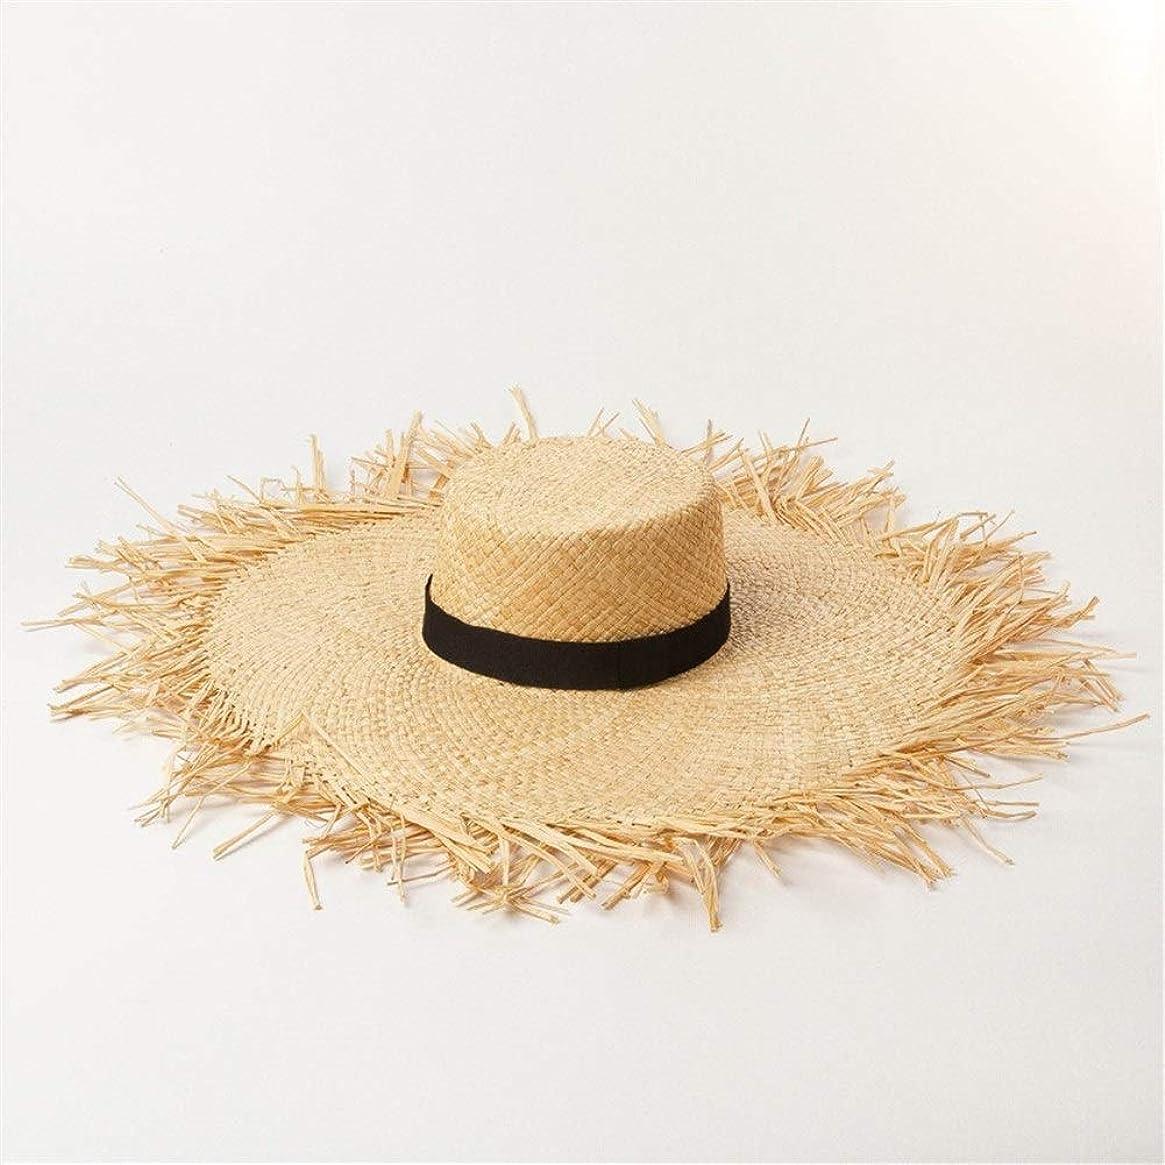 眠いです優勢添加ラフィット麦わら帽子に沿って大きな春と夏のリボン装飾トリミングフラットトップラフィット麦わら帽子に沿って日よけの休日